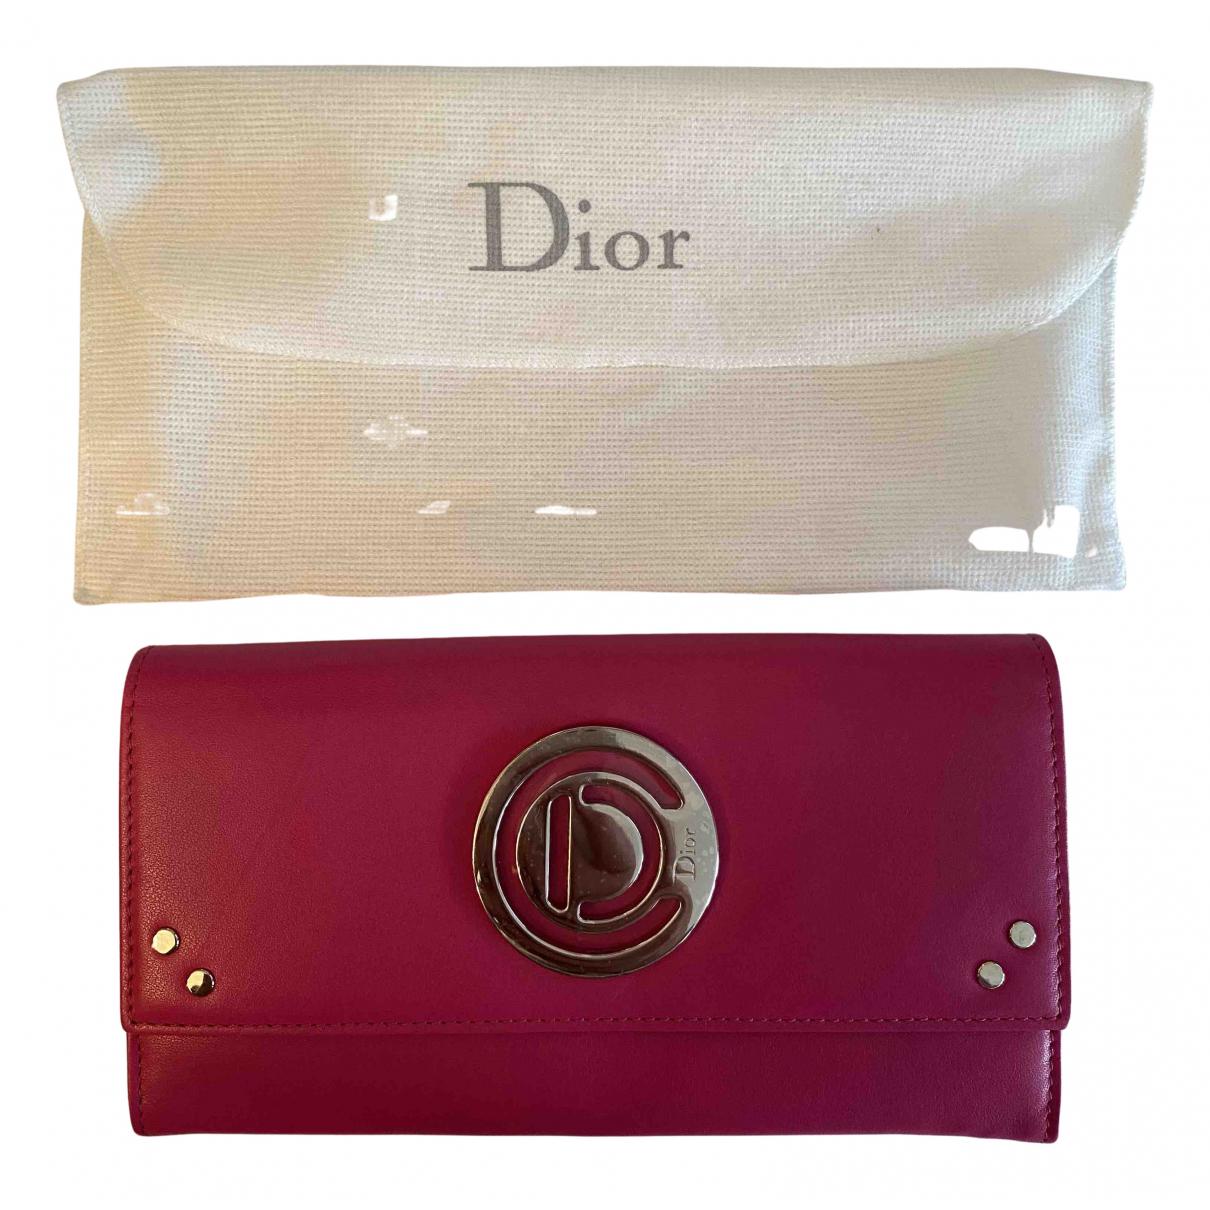 Dior - Portefeuille   pour femme en cuir verni - rose